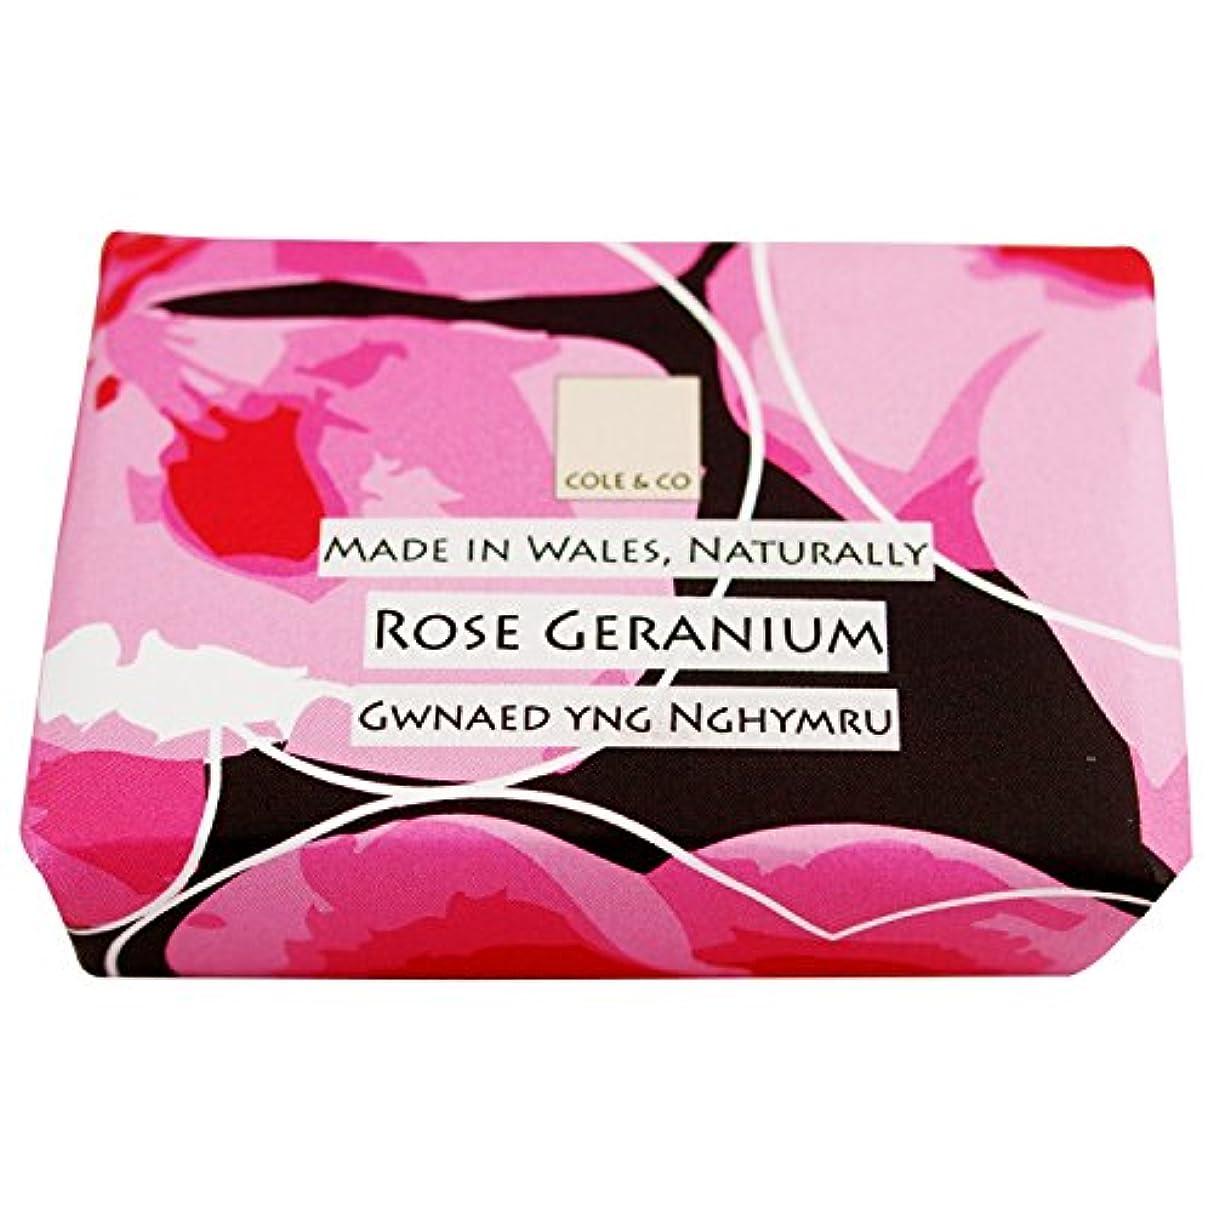 ギネスあご実験室コール&Coはゼラニウム石鹸80グラムのバラ (Cole & Co) (x6) - Cole & Co Rose Geranium Soap 80g (Pack of 6) [並行輸入品]